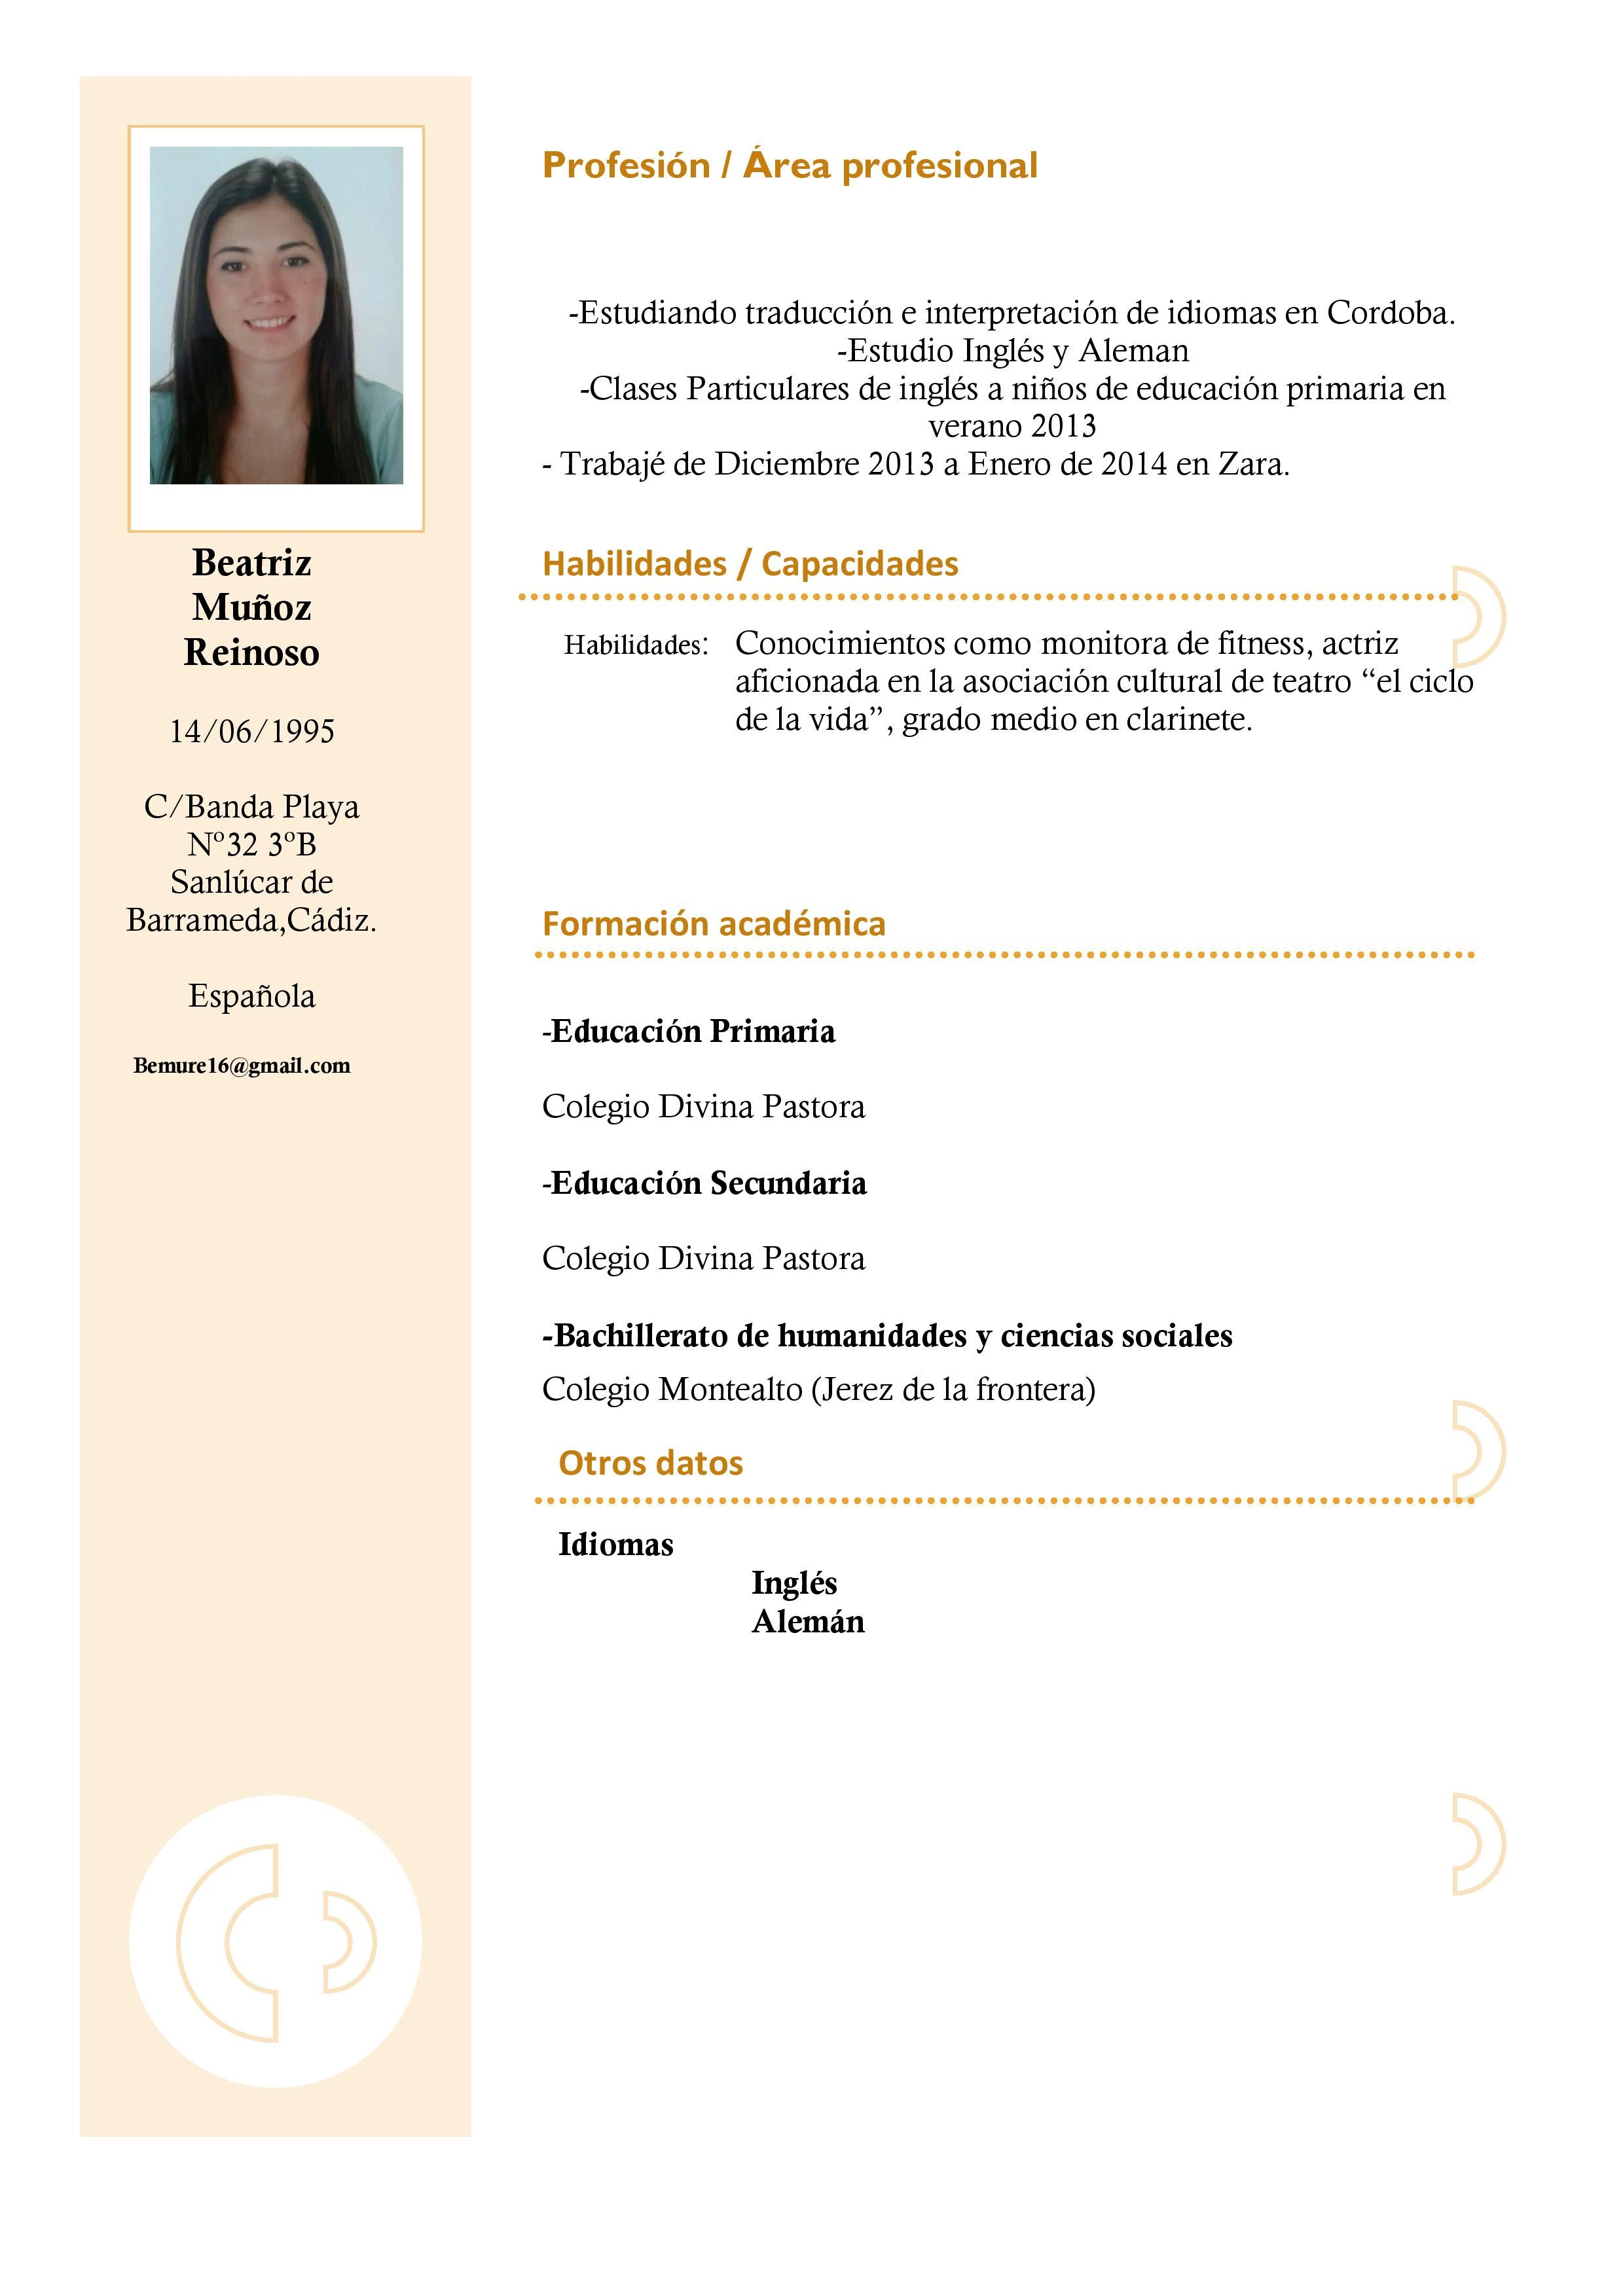 Curriculum Vitae Joven Modelo De Curriculum Vitae